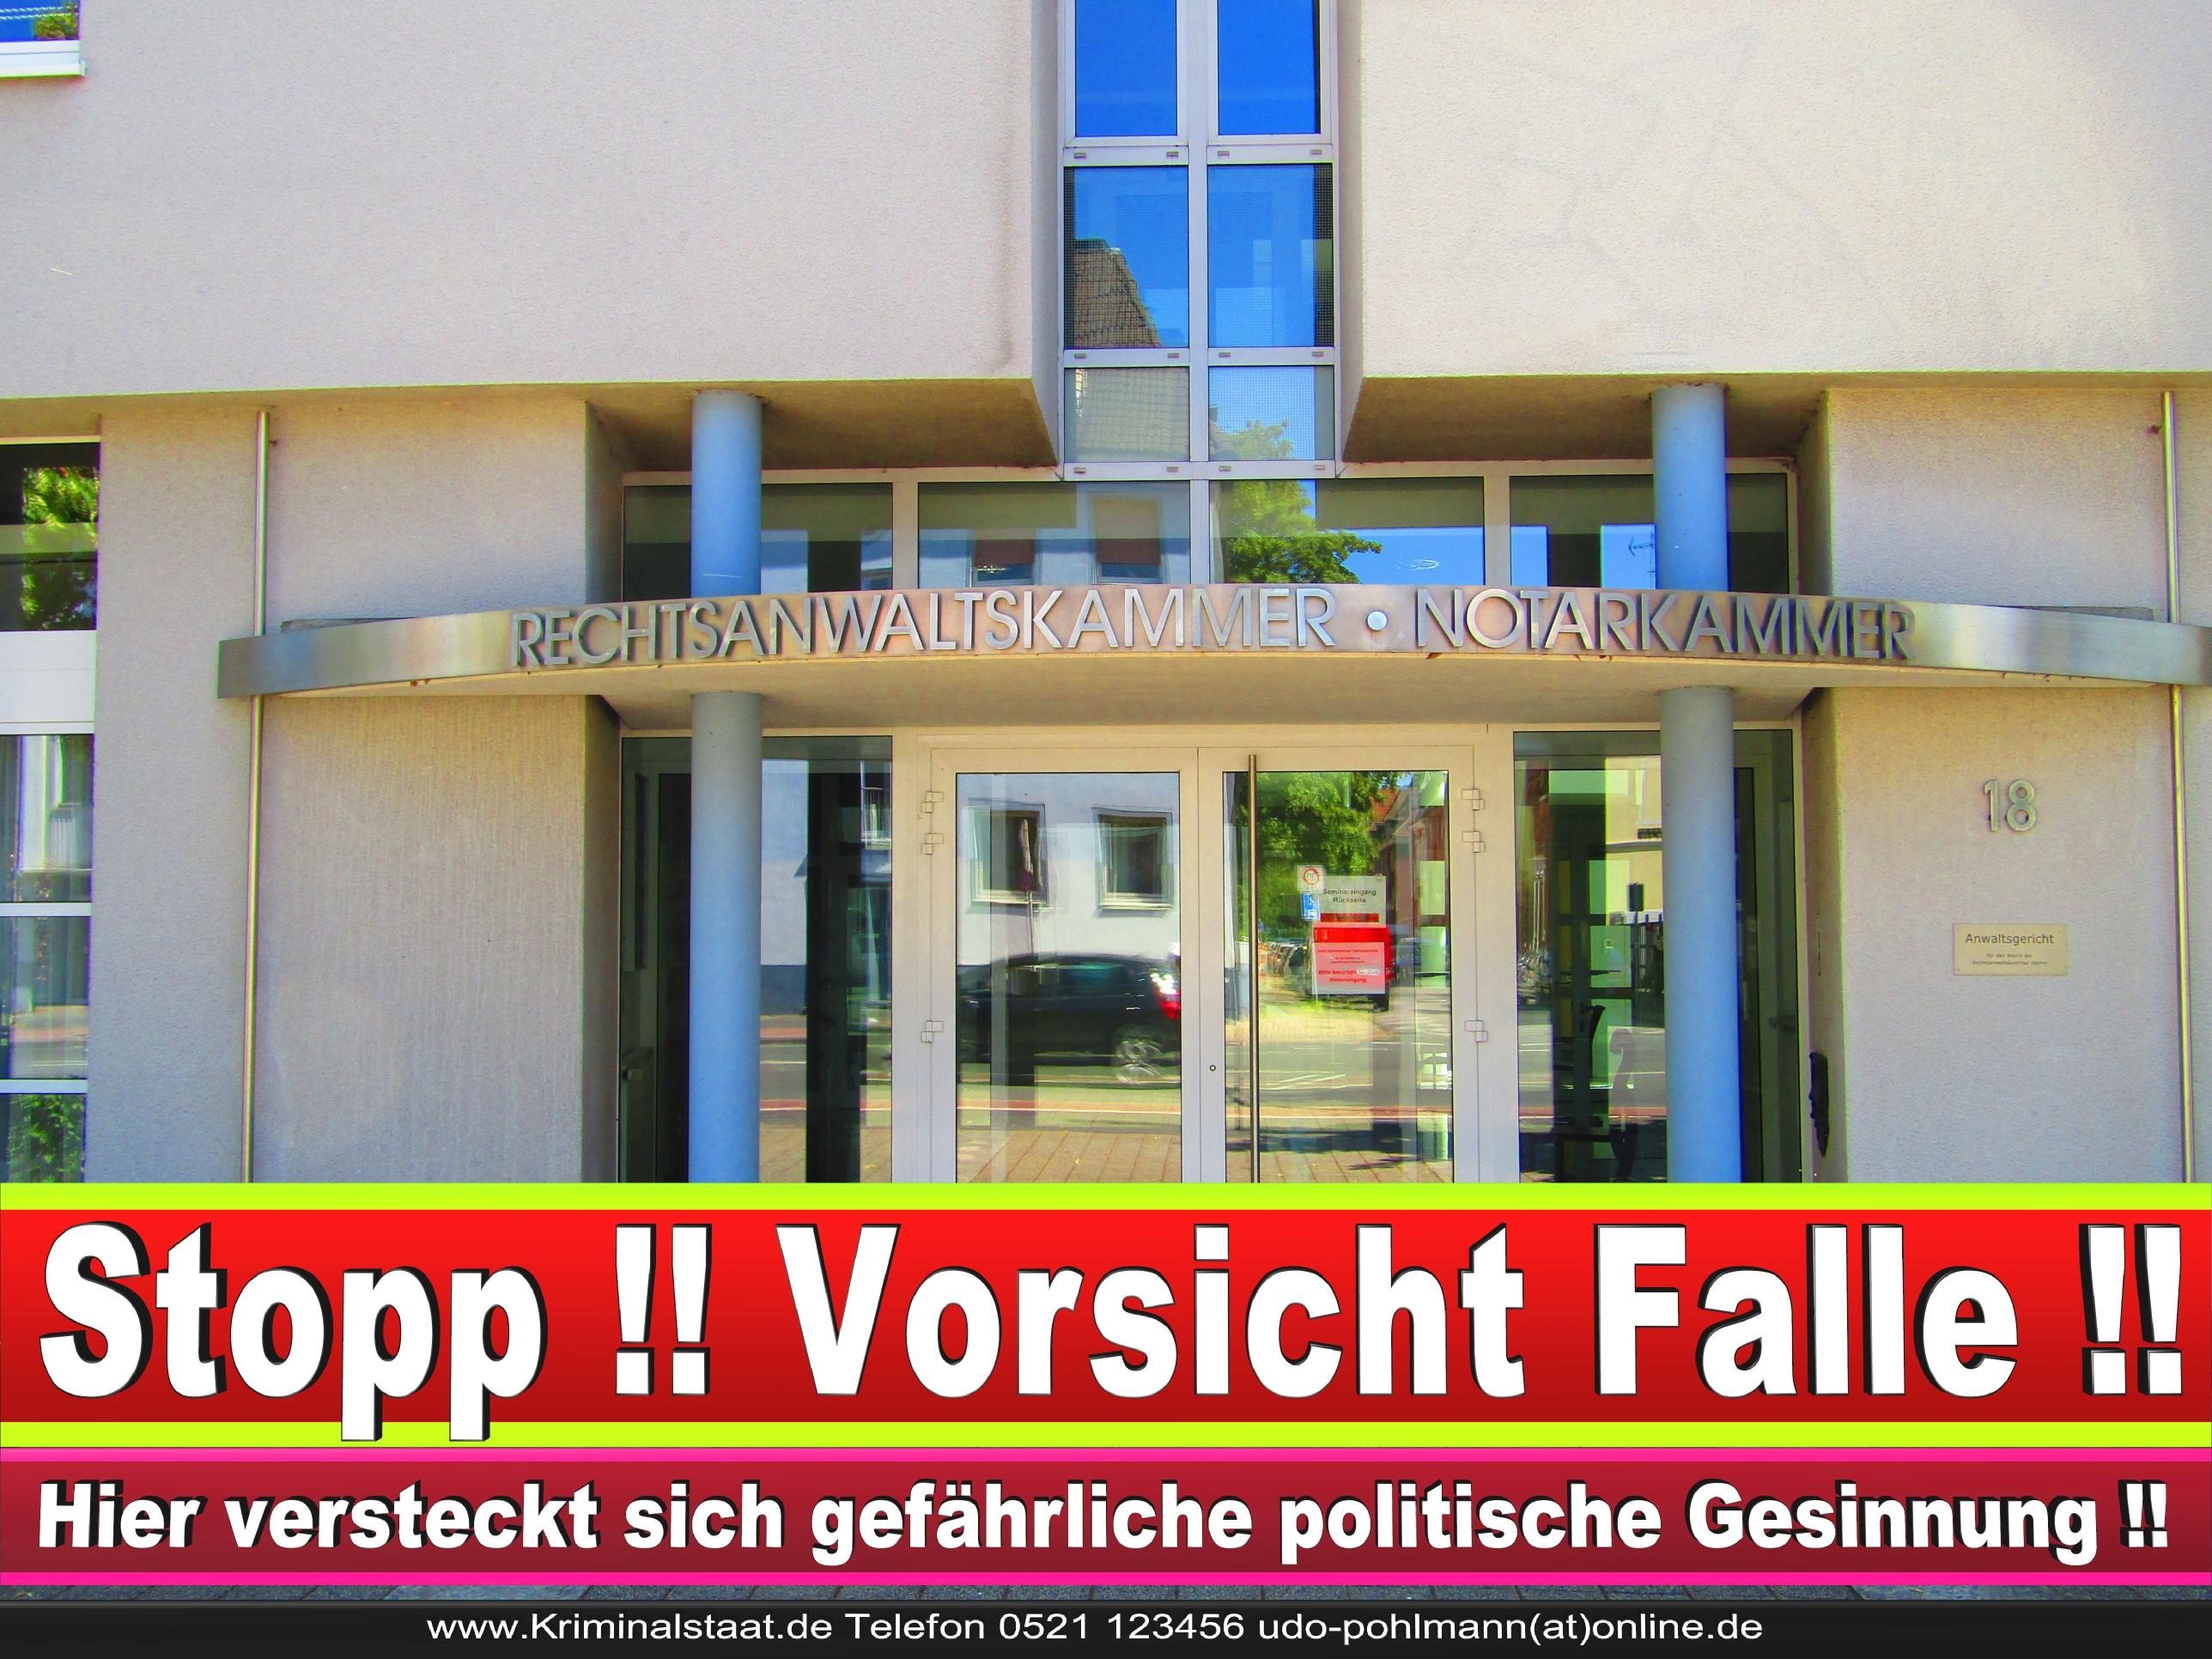 Rechtsanwaltskammer Hamm NRW Justizminister Rechtsanwalt Notar Vermögensverfall Urteil Rechtsprechung CDU SPD FDP Berufsordnung Rechtsanwälte Rechtsprechung (2)